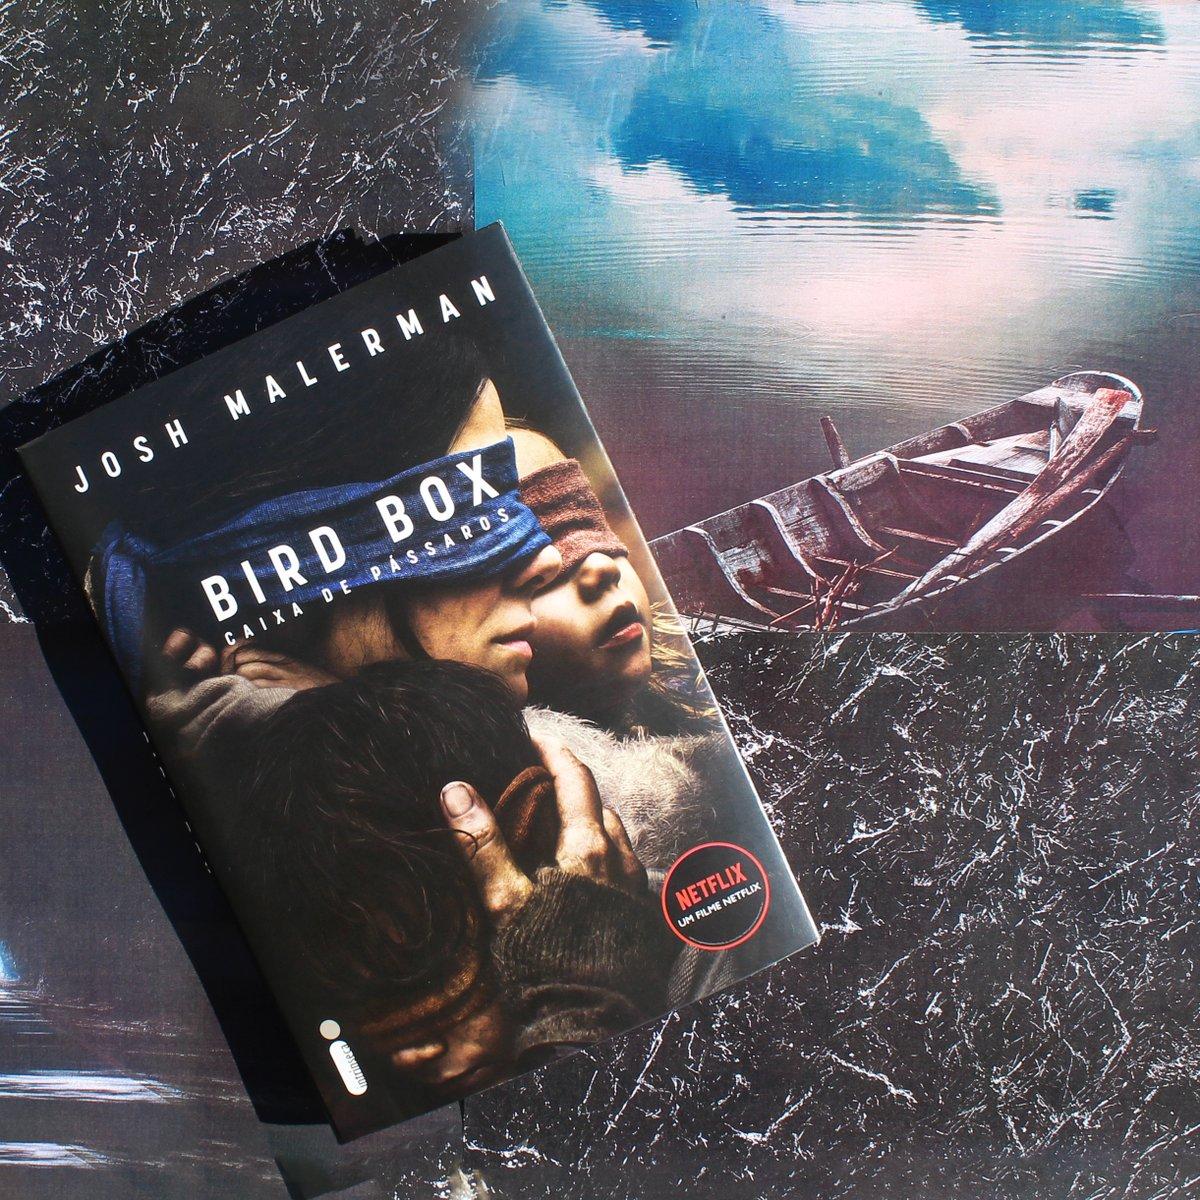 Resenha | Bird Box [Caixa de Pássaros], Editora Intrínseca (2015)